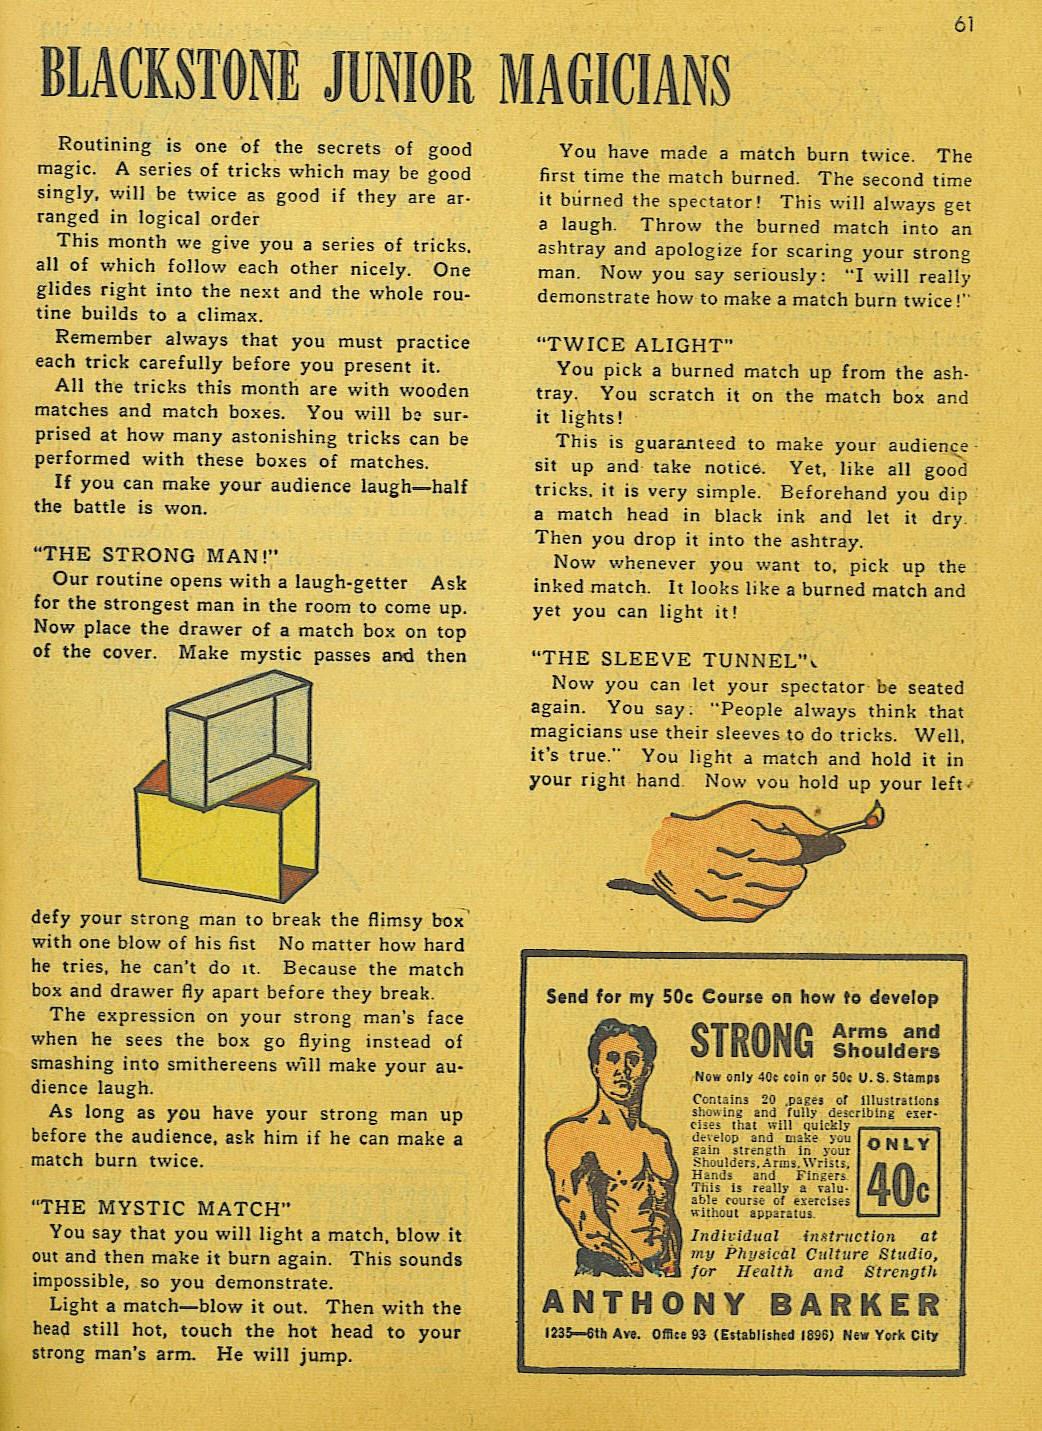 Read online Super-Magician Comics comic -  Issue #10 - 61